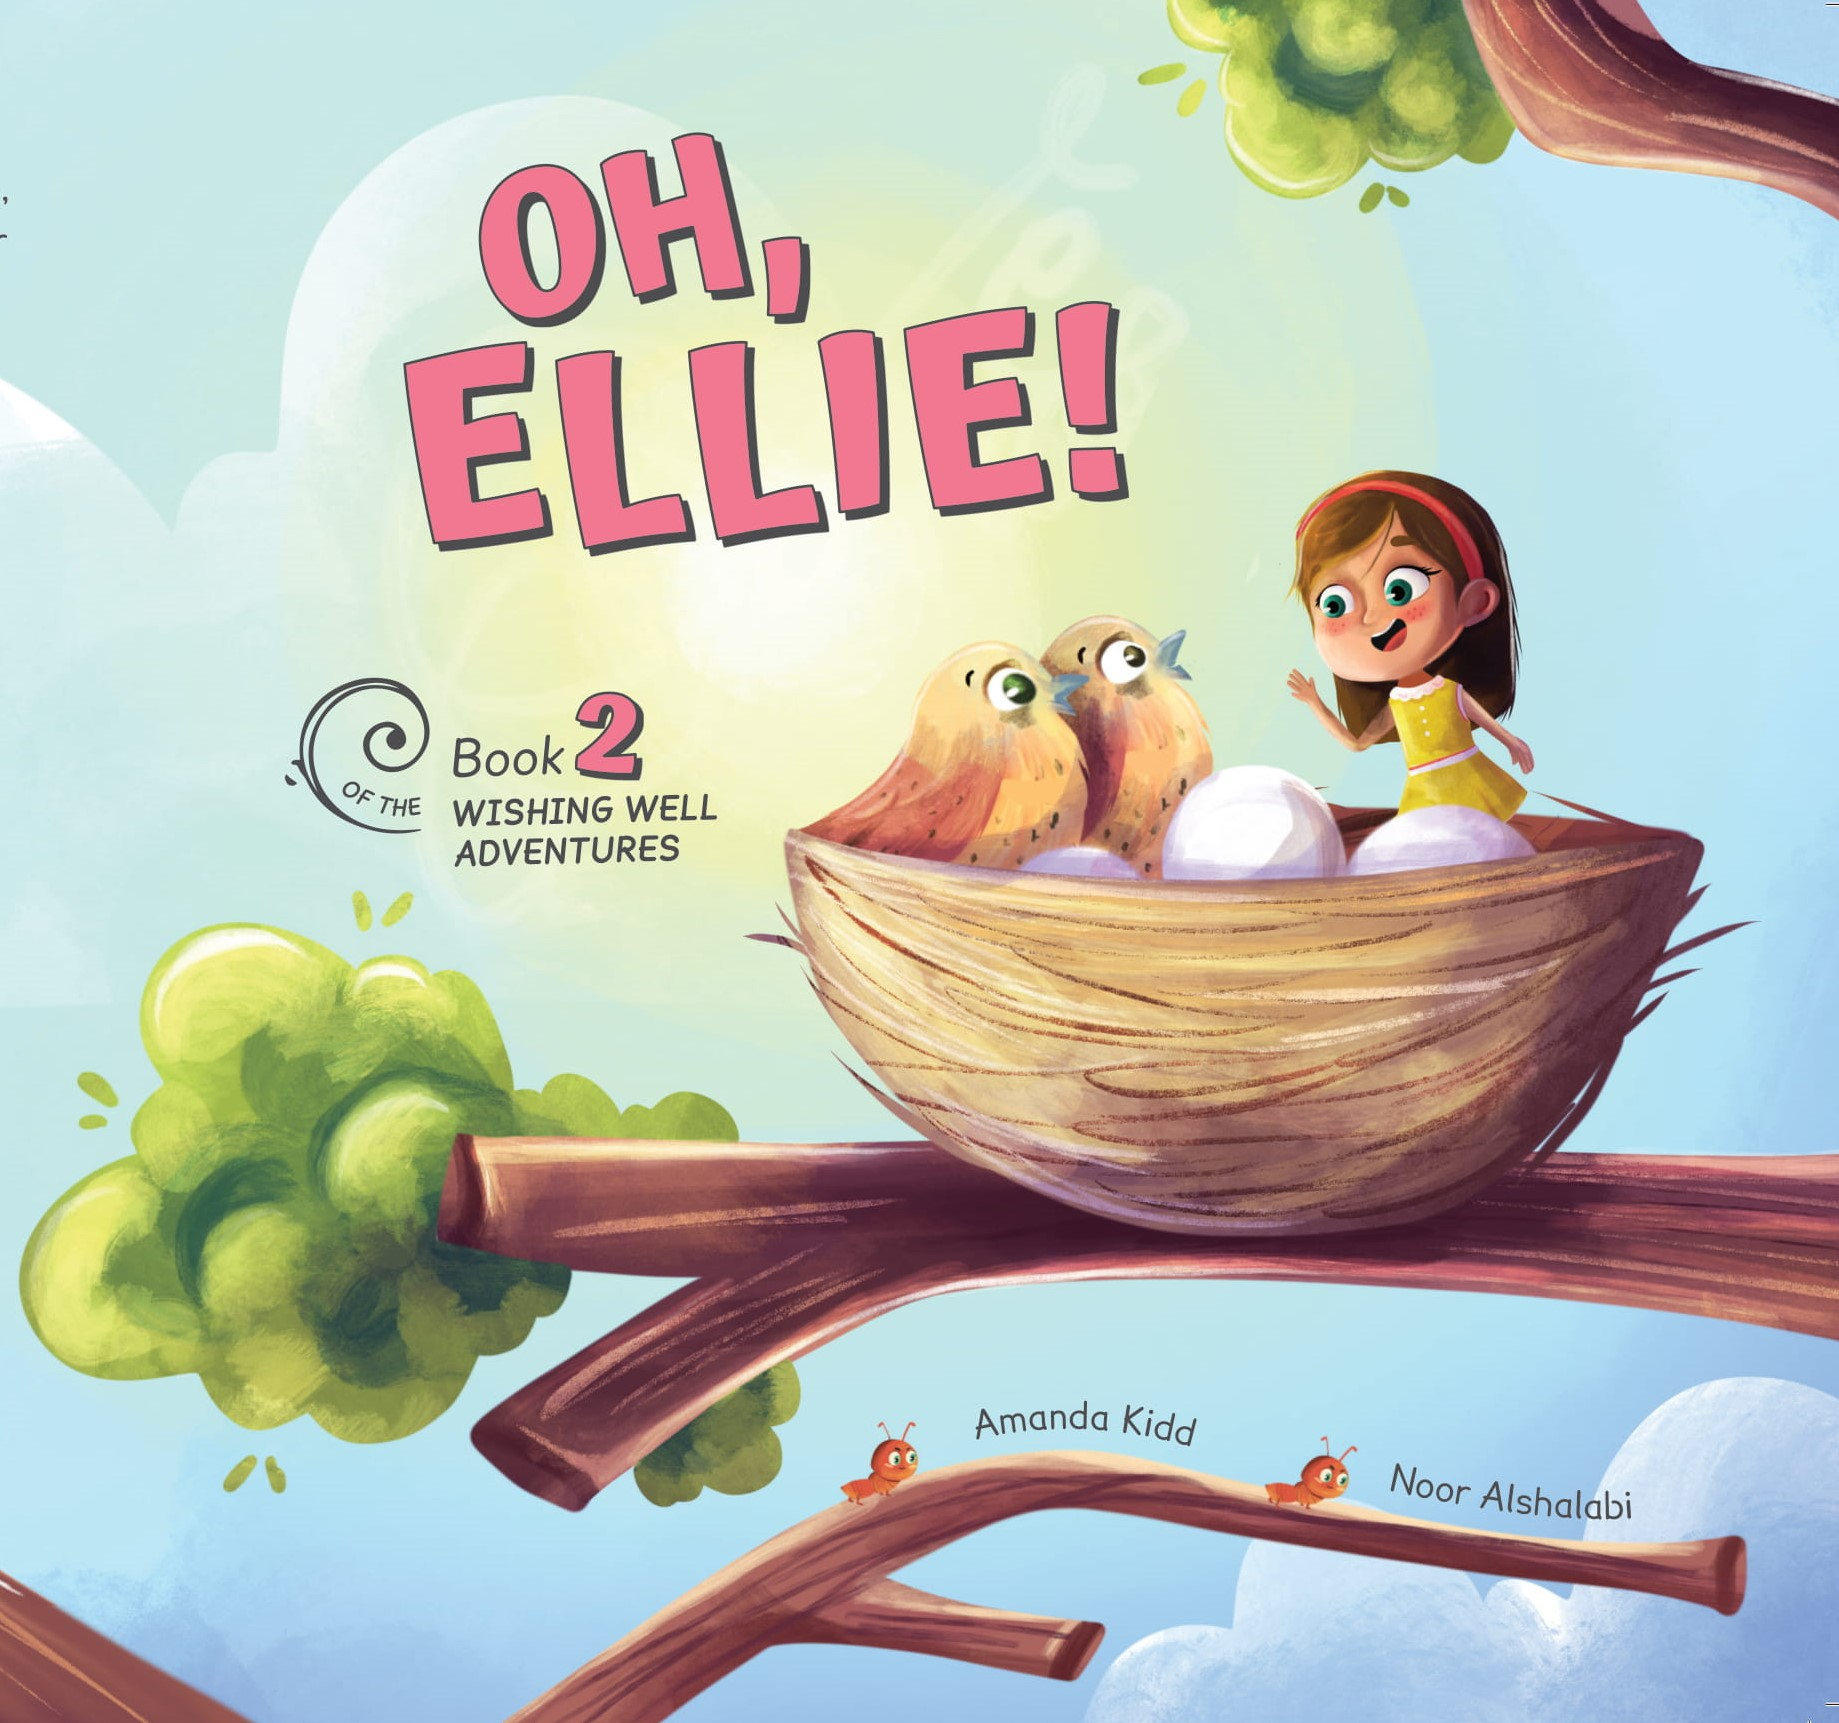 Oh, Ellie!